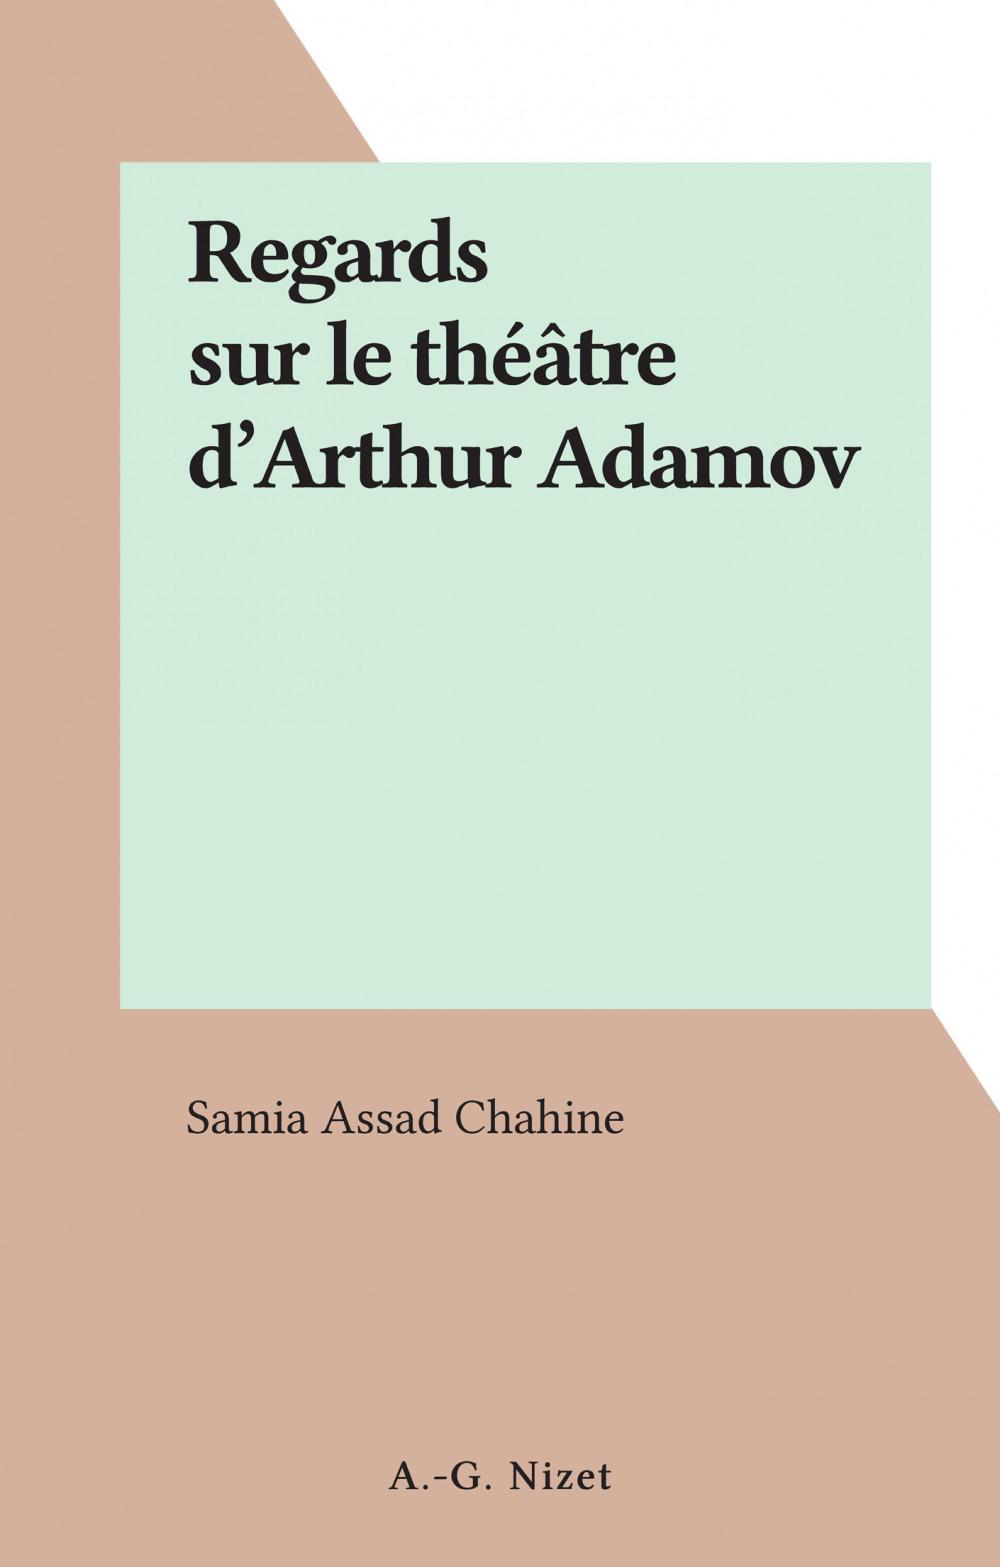 Regards sur le théâtre d'Arthur Adamov